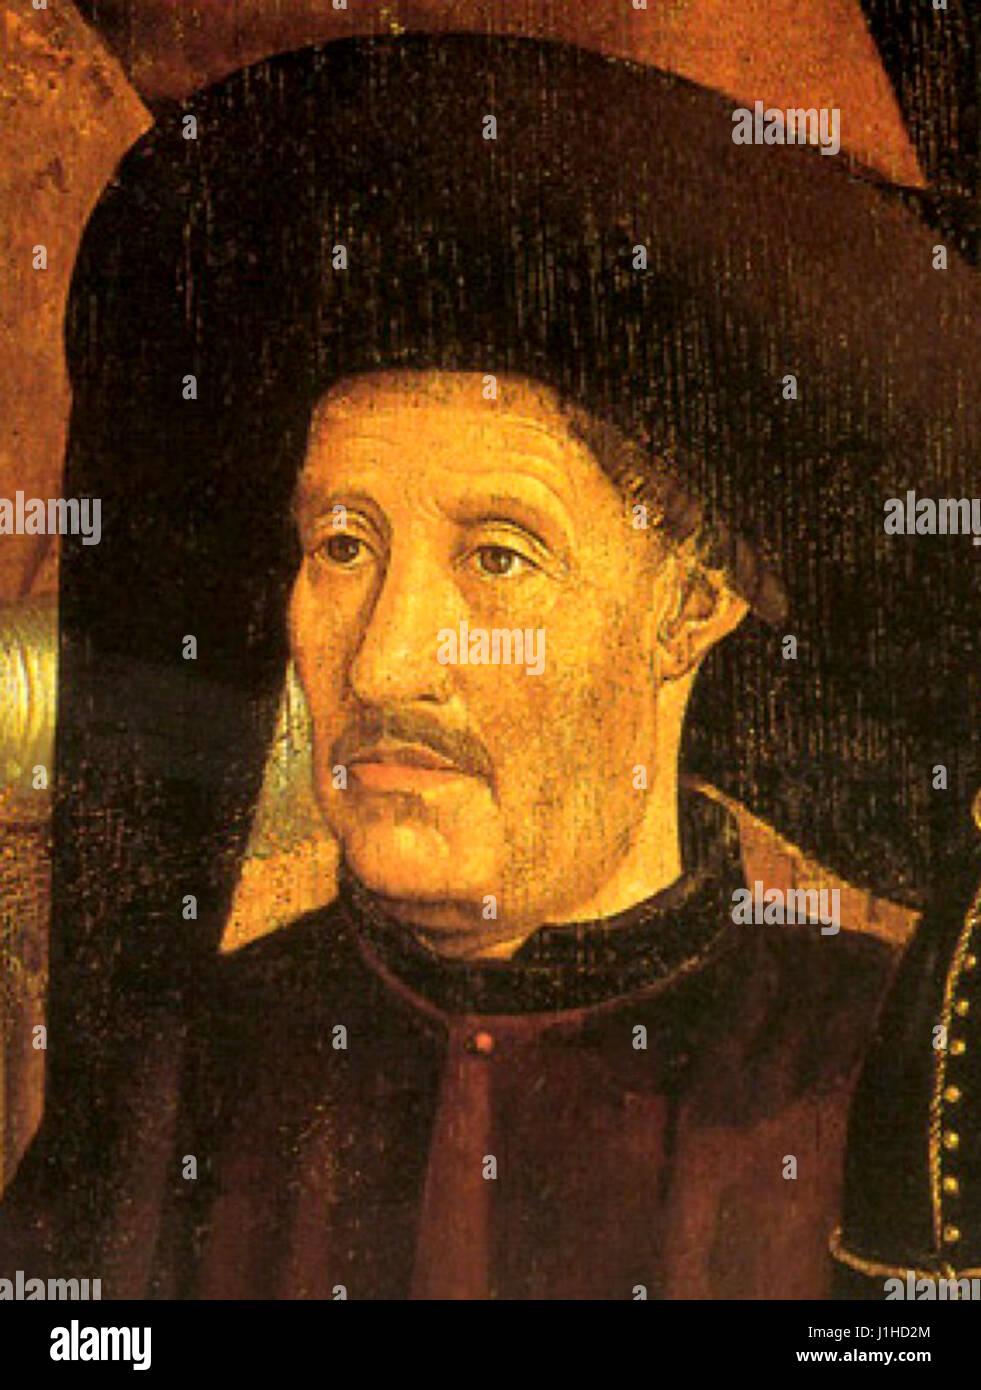 Prince Henry the Navigator, Infante D. Henrique of Portugal, Duke of Viseu - Stock Image